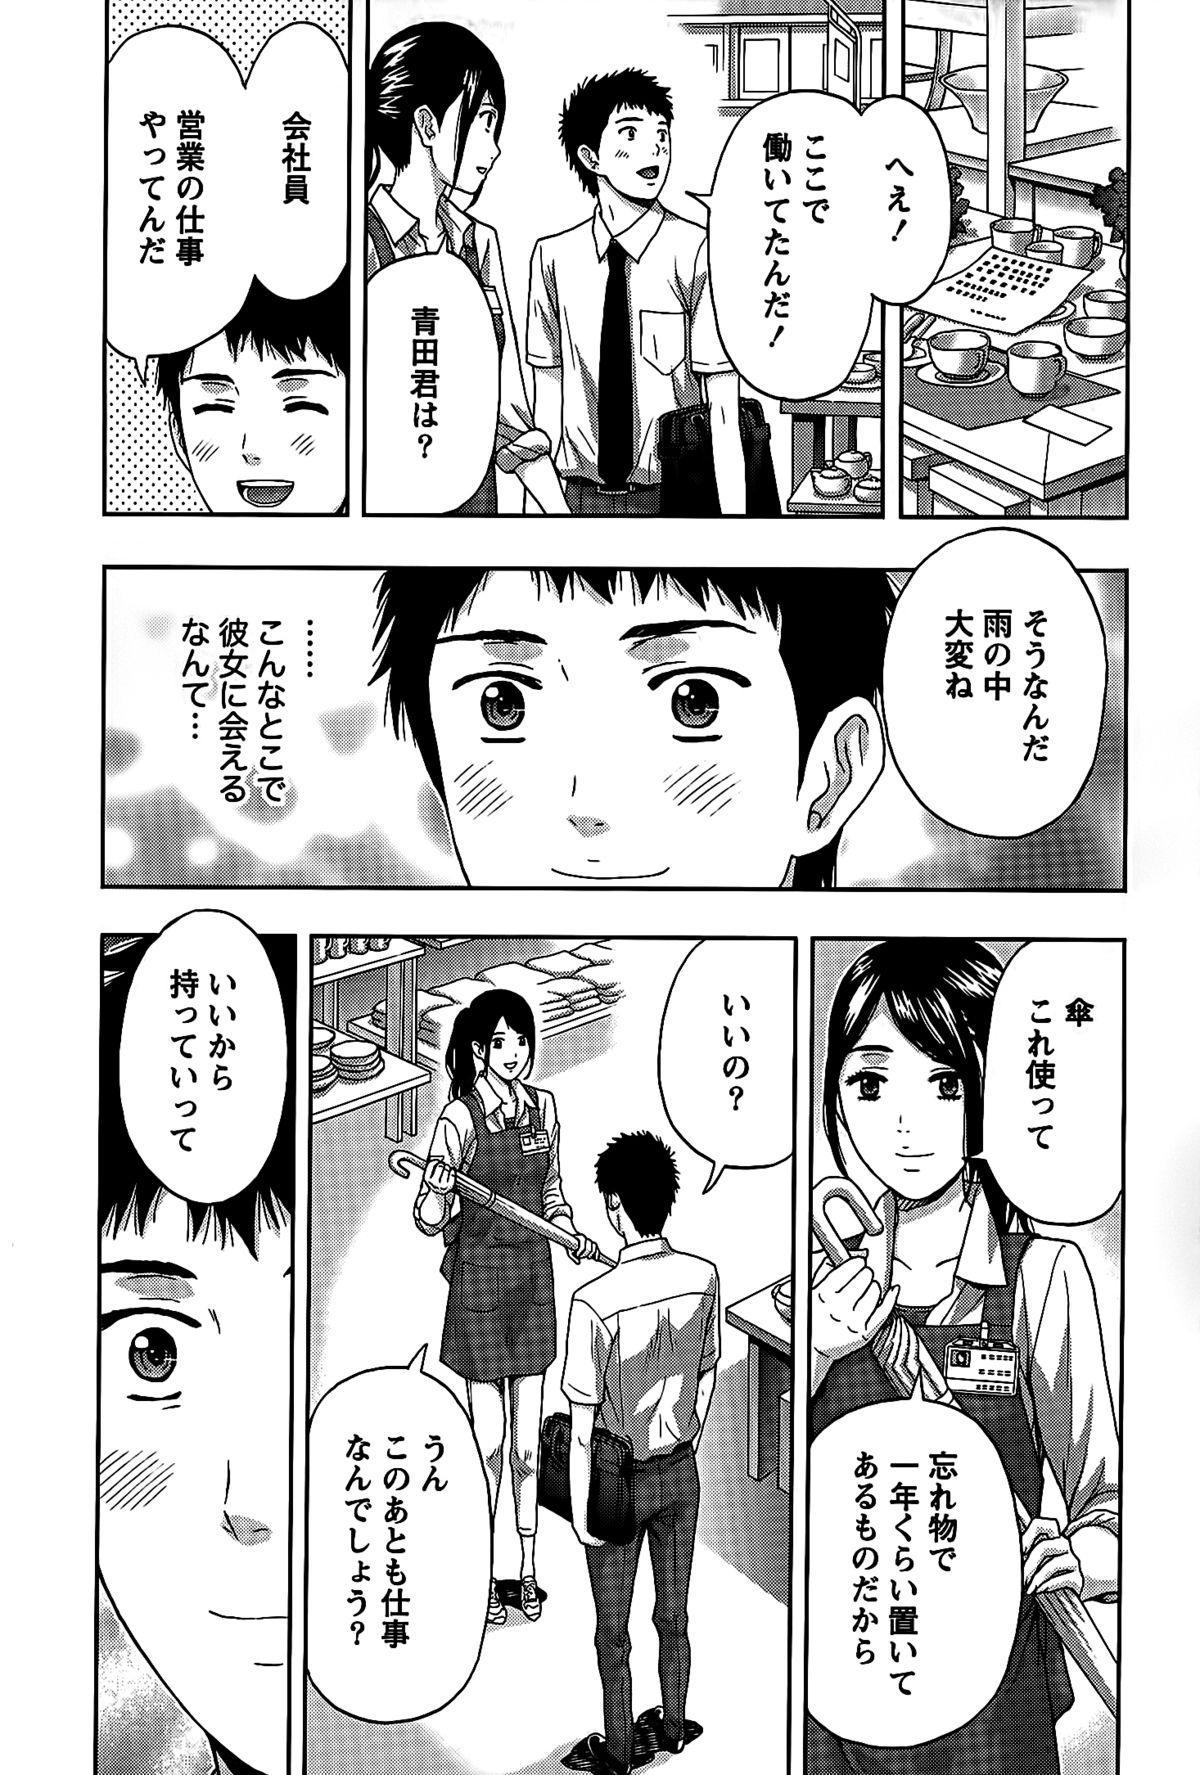 Shittori Lady to Amai Mitsu 129